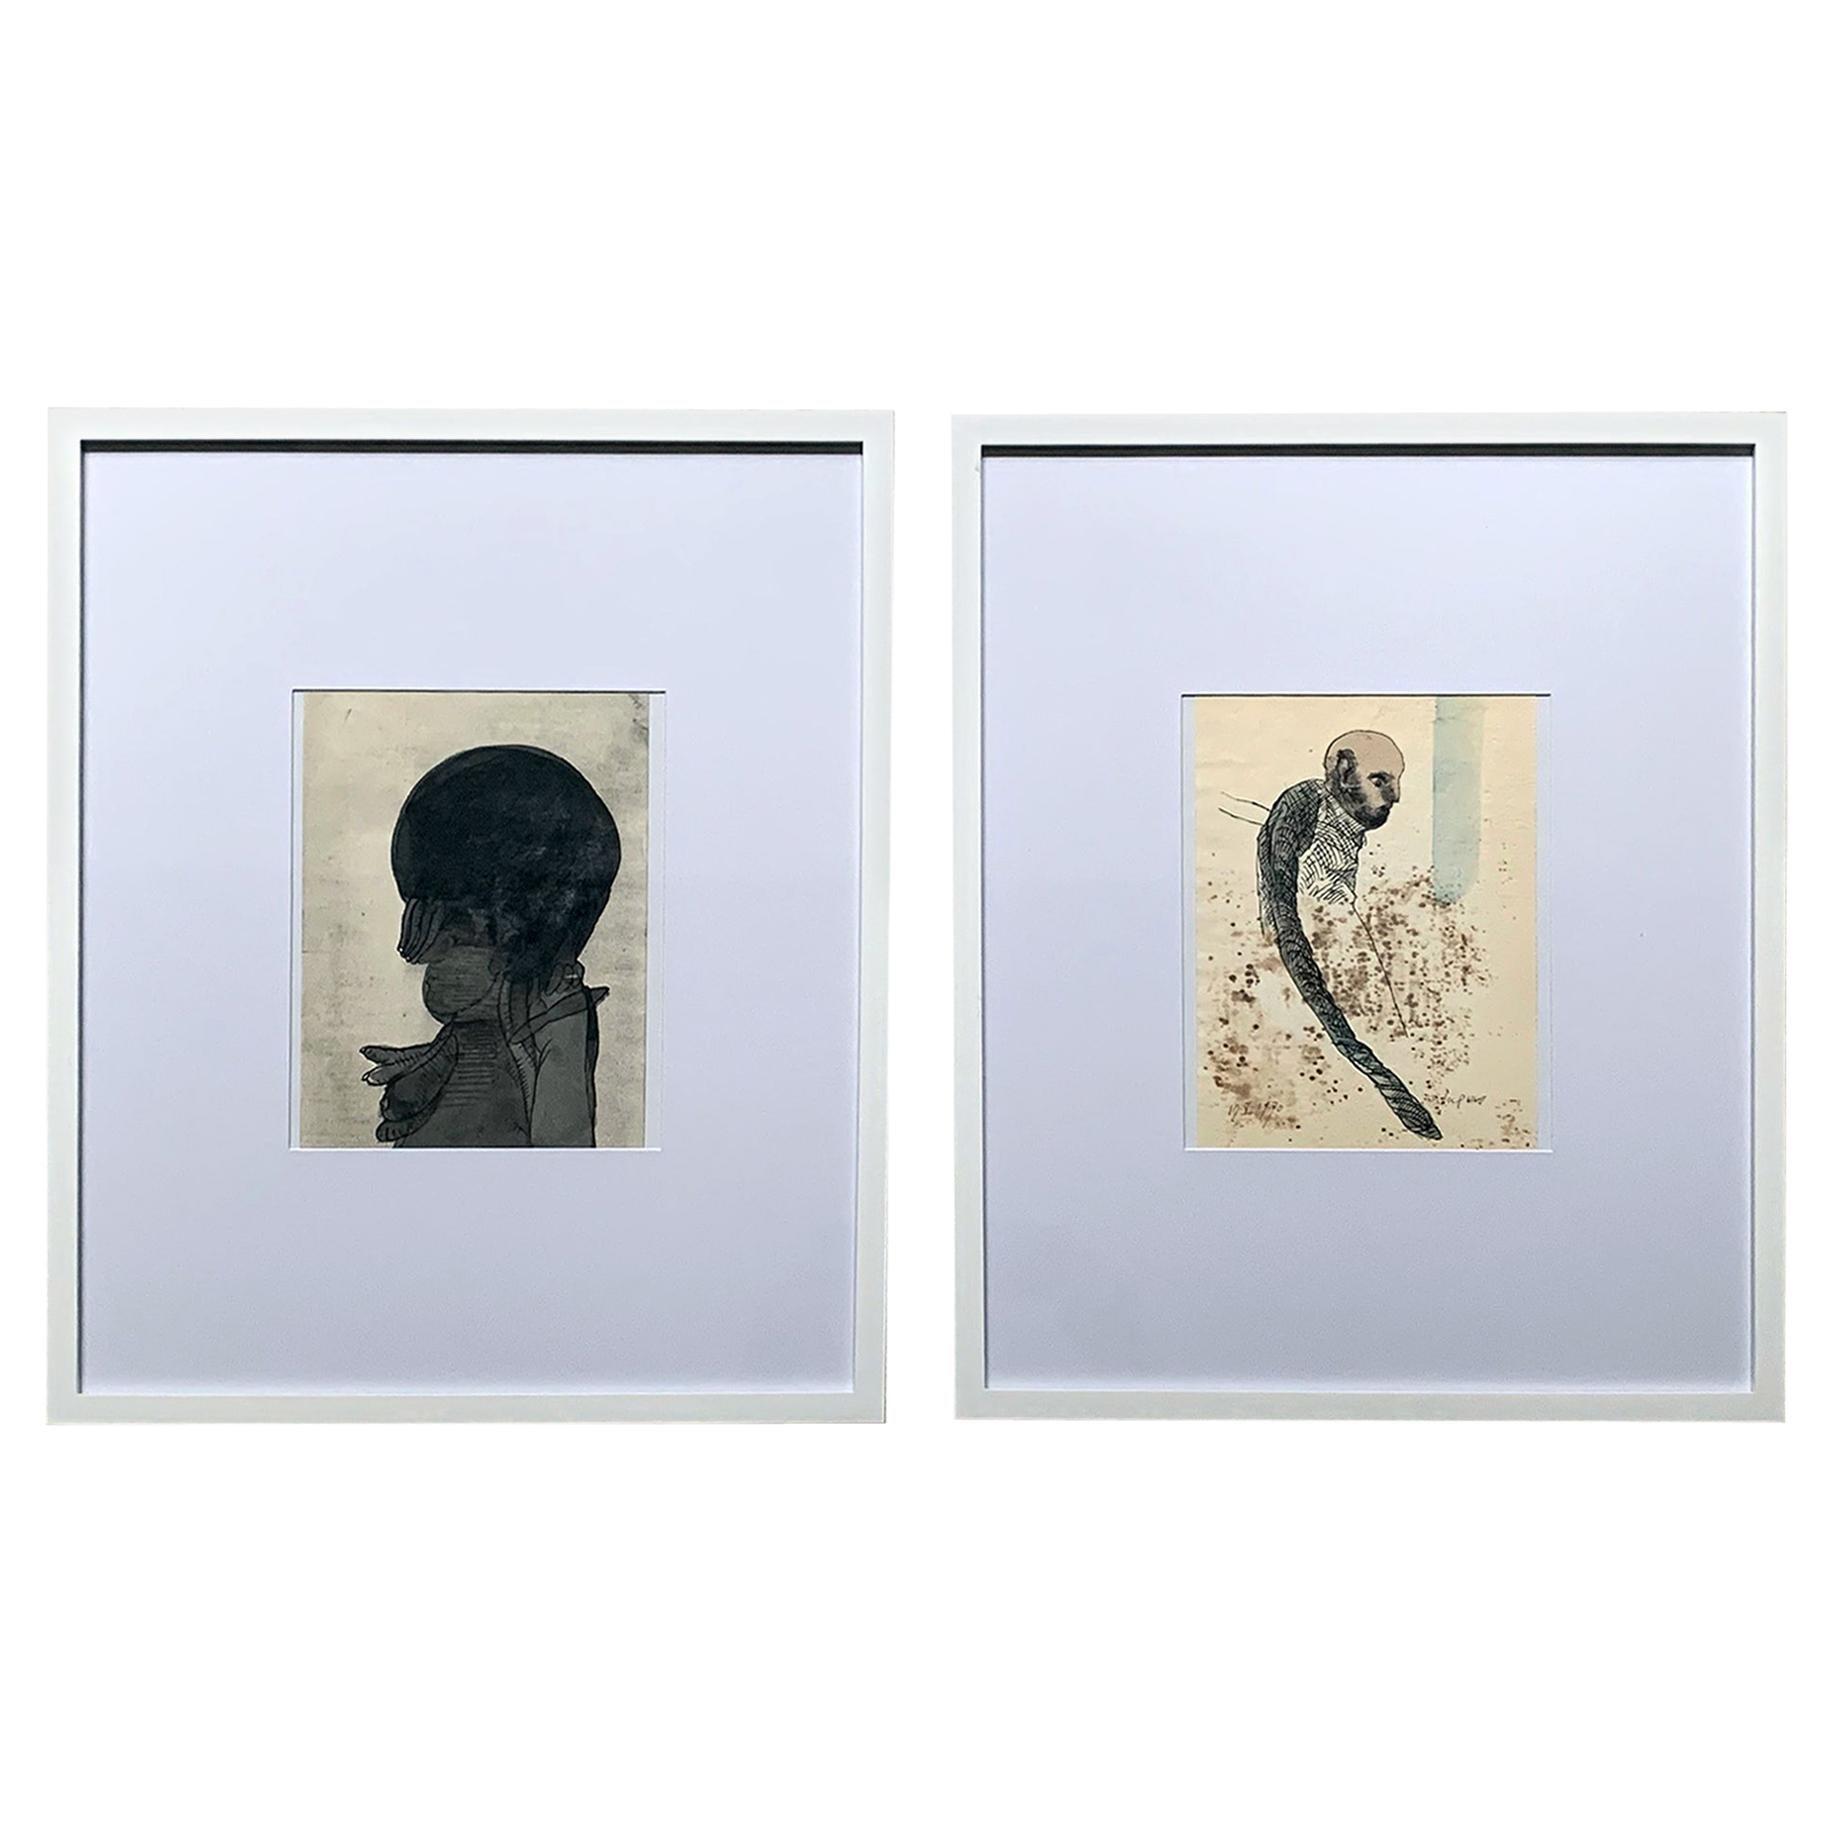 Pair of Framed Work on Paper by Jose Luis Cuevas